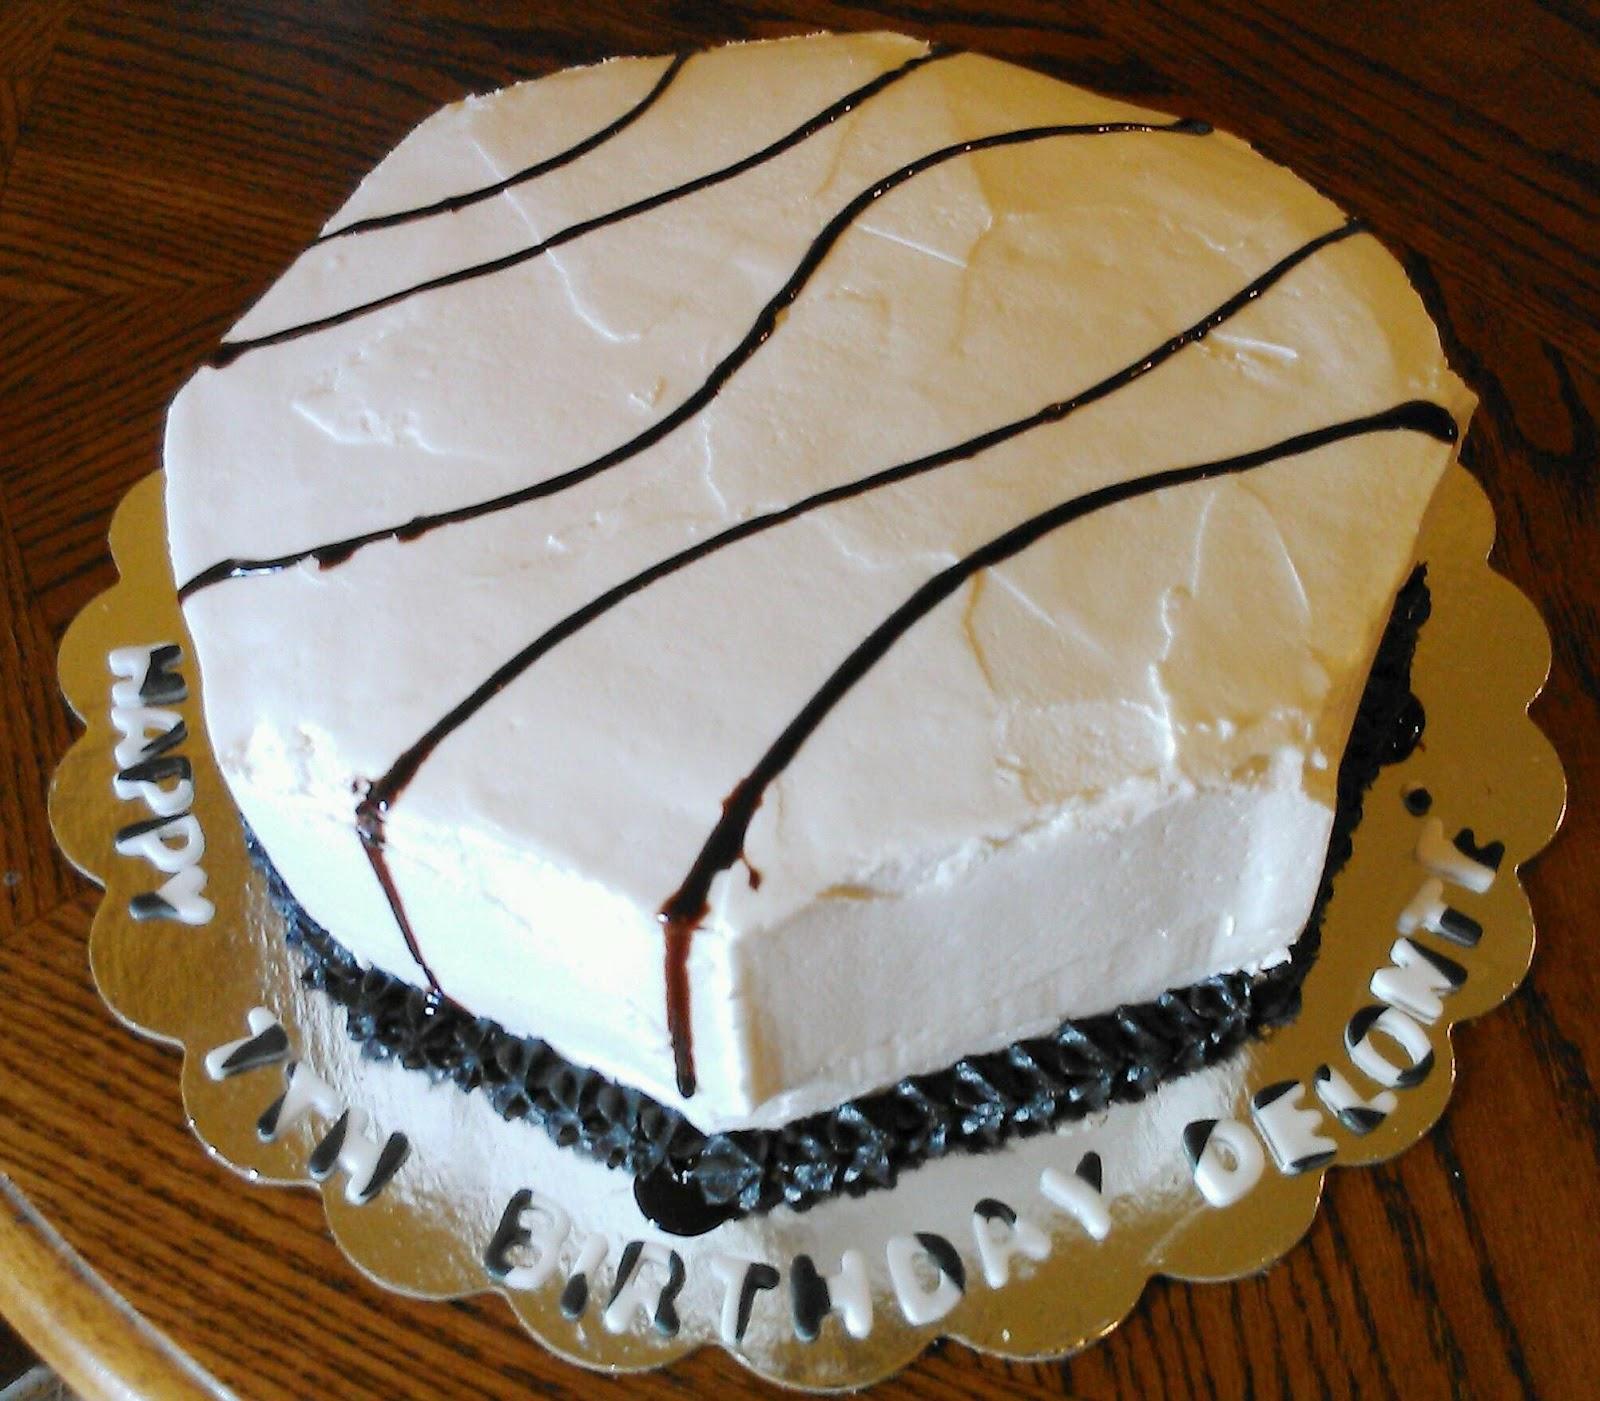 Tabby Tasty Pastry S Little Debbie Zebra Cake